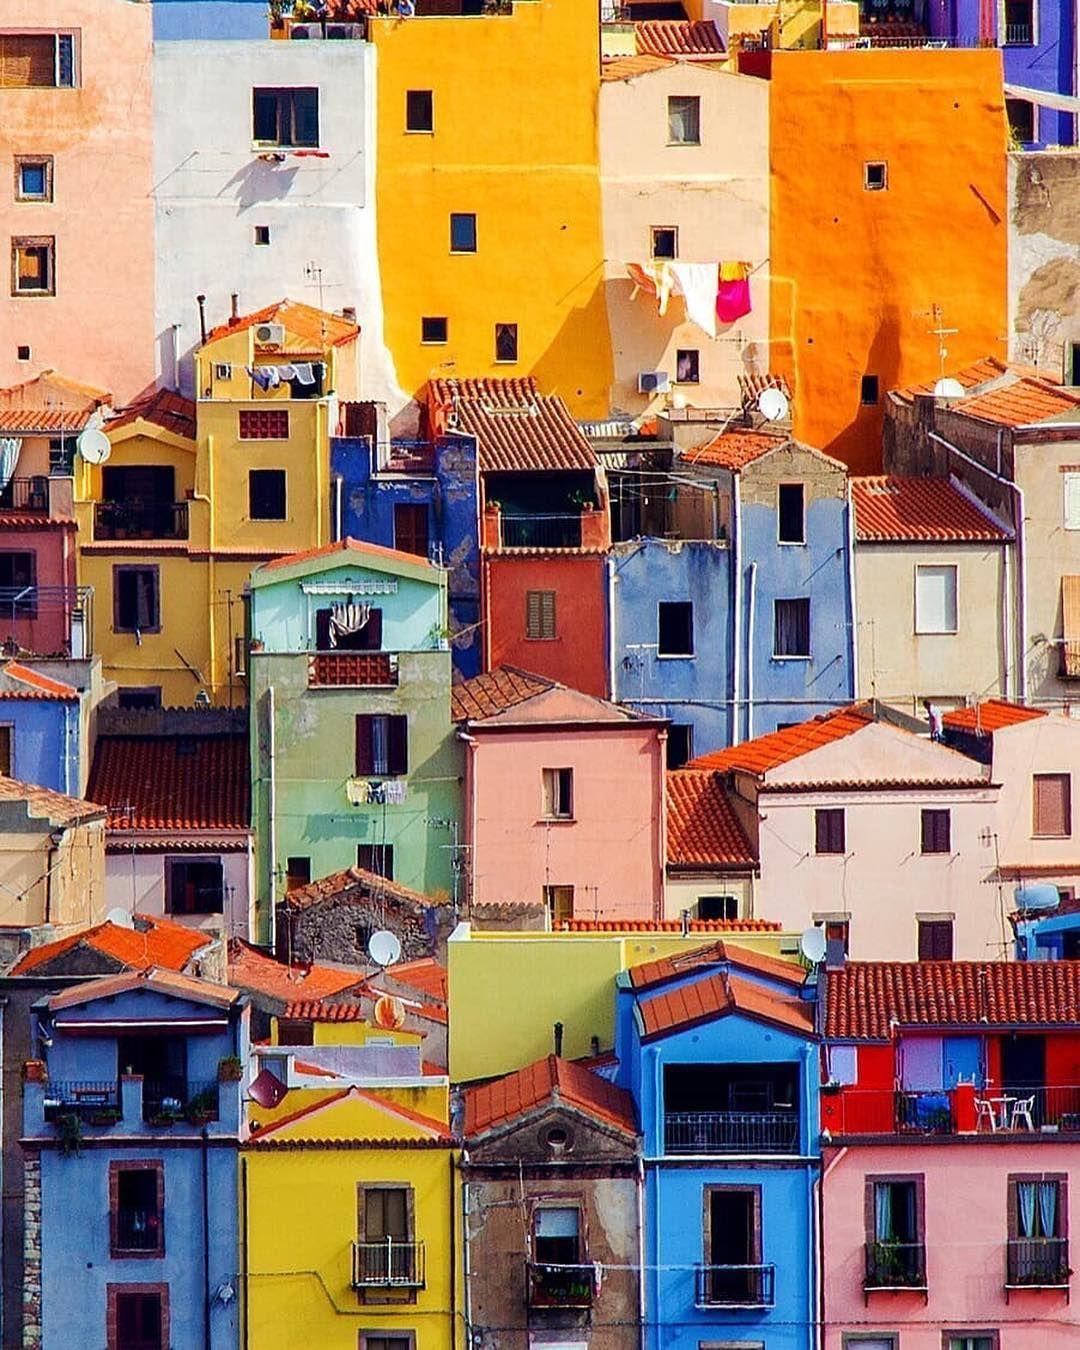 Il borgo colorato di Bosa nellla provincia di Oristano vi stupirà con i colori vivaci delle sue casette che si sviluppa…   Sardinia, Sardinia italy, Colorful places